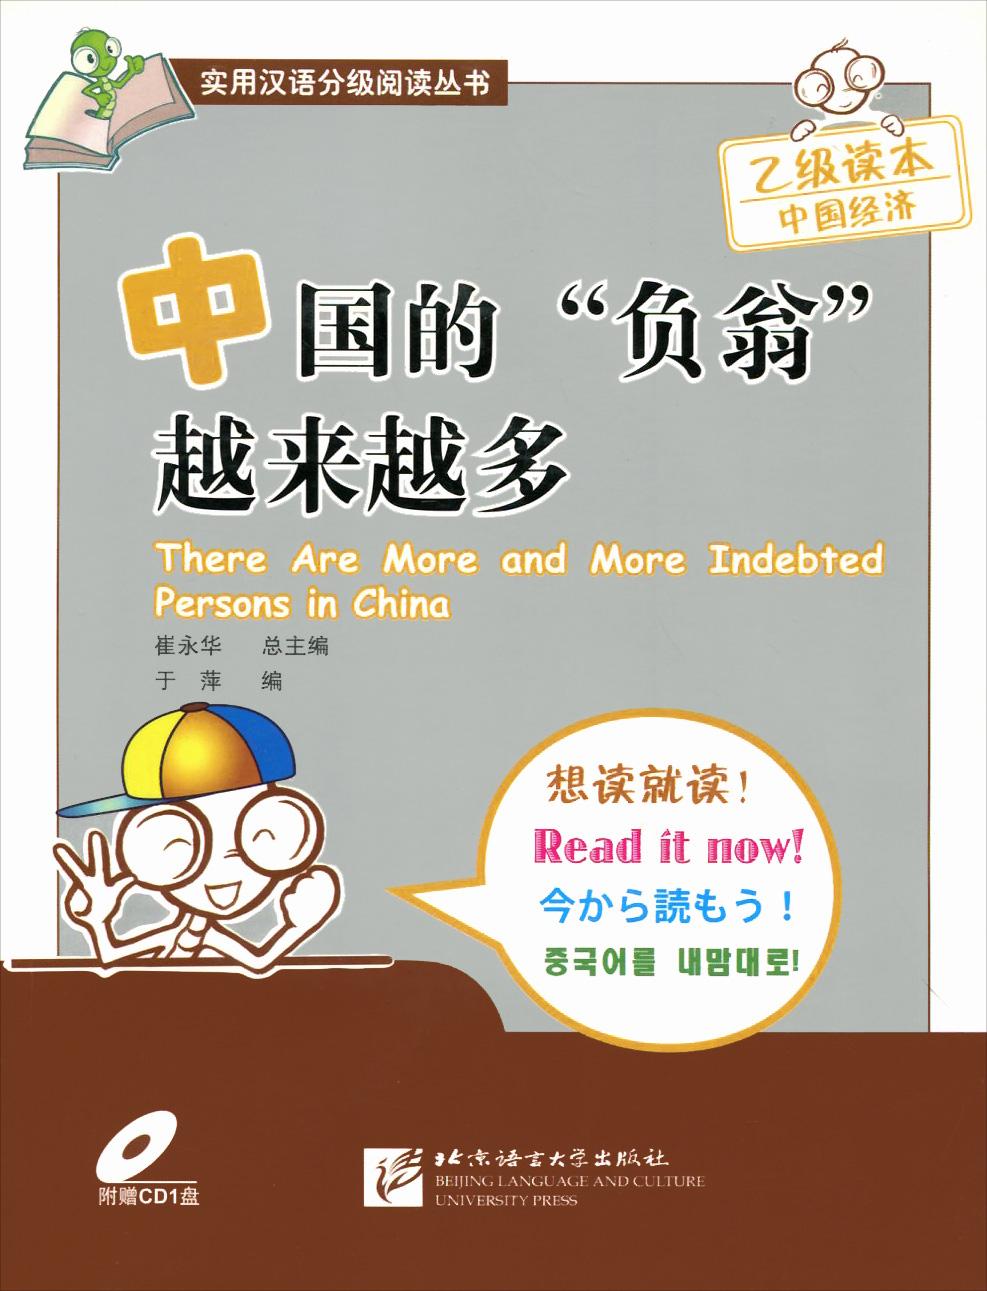 Chinese Reading for Practical Purposes: Step by Step: HSK 3-5 (+ CD-ROM) константинова е а карточки для изучения иероглифов 150 карточек соответствующих первому уровню hsk в коробке